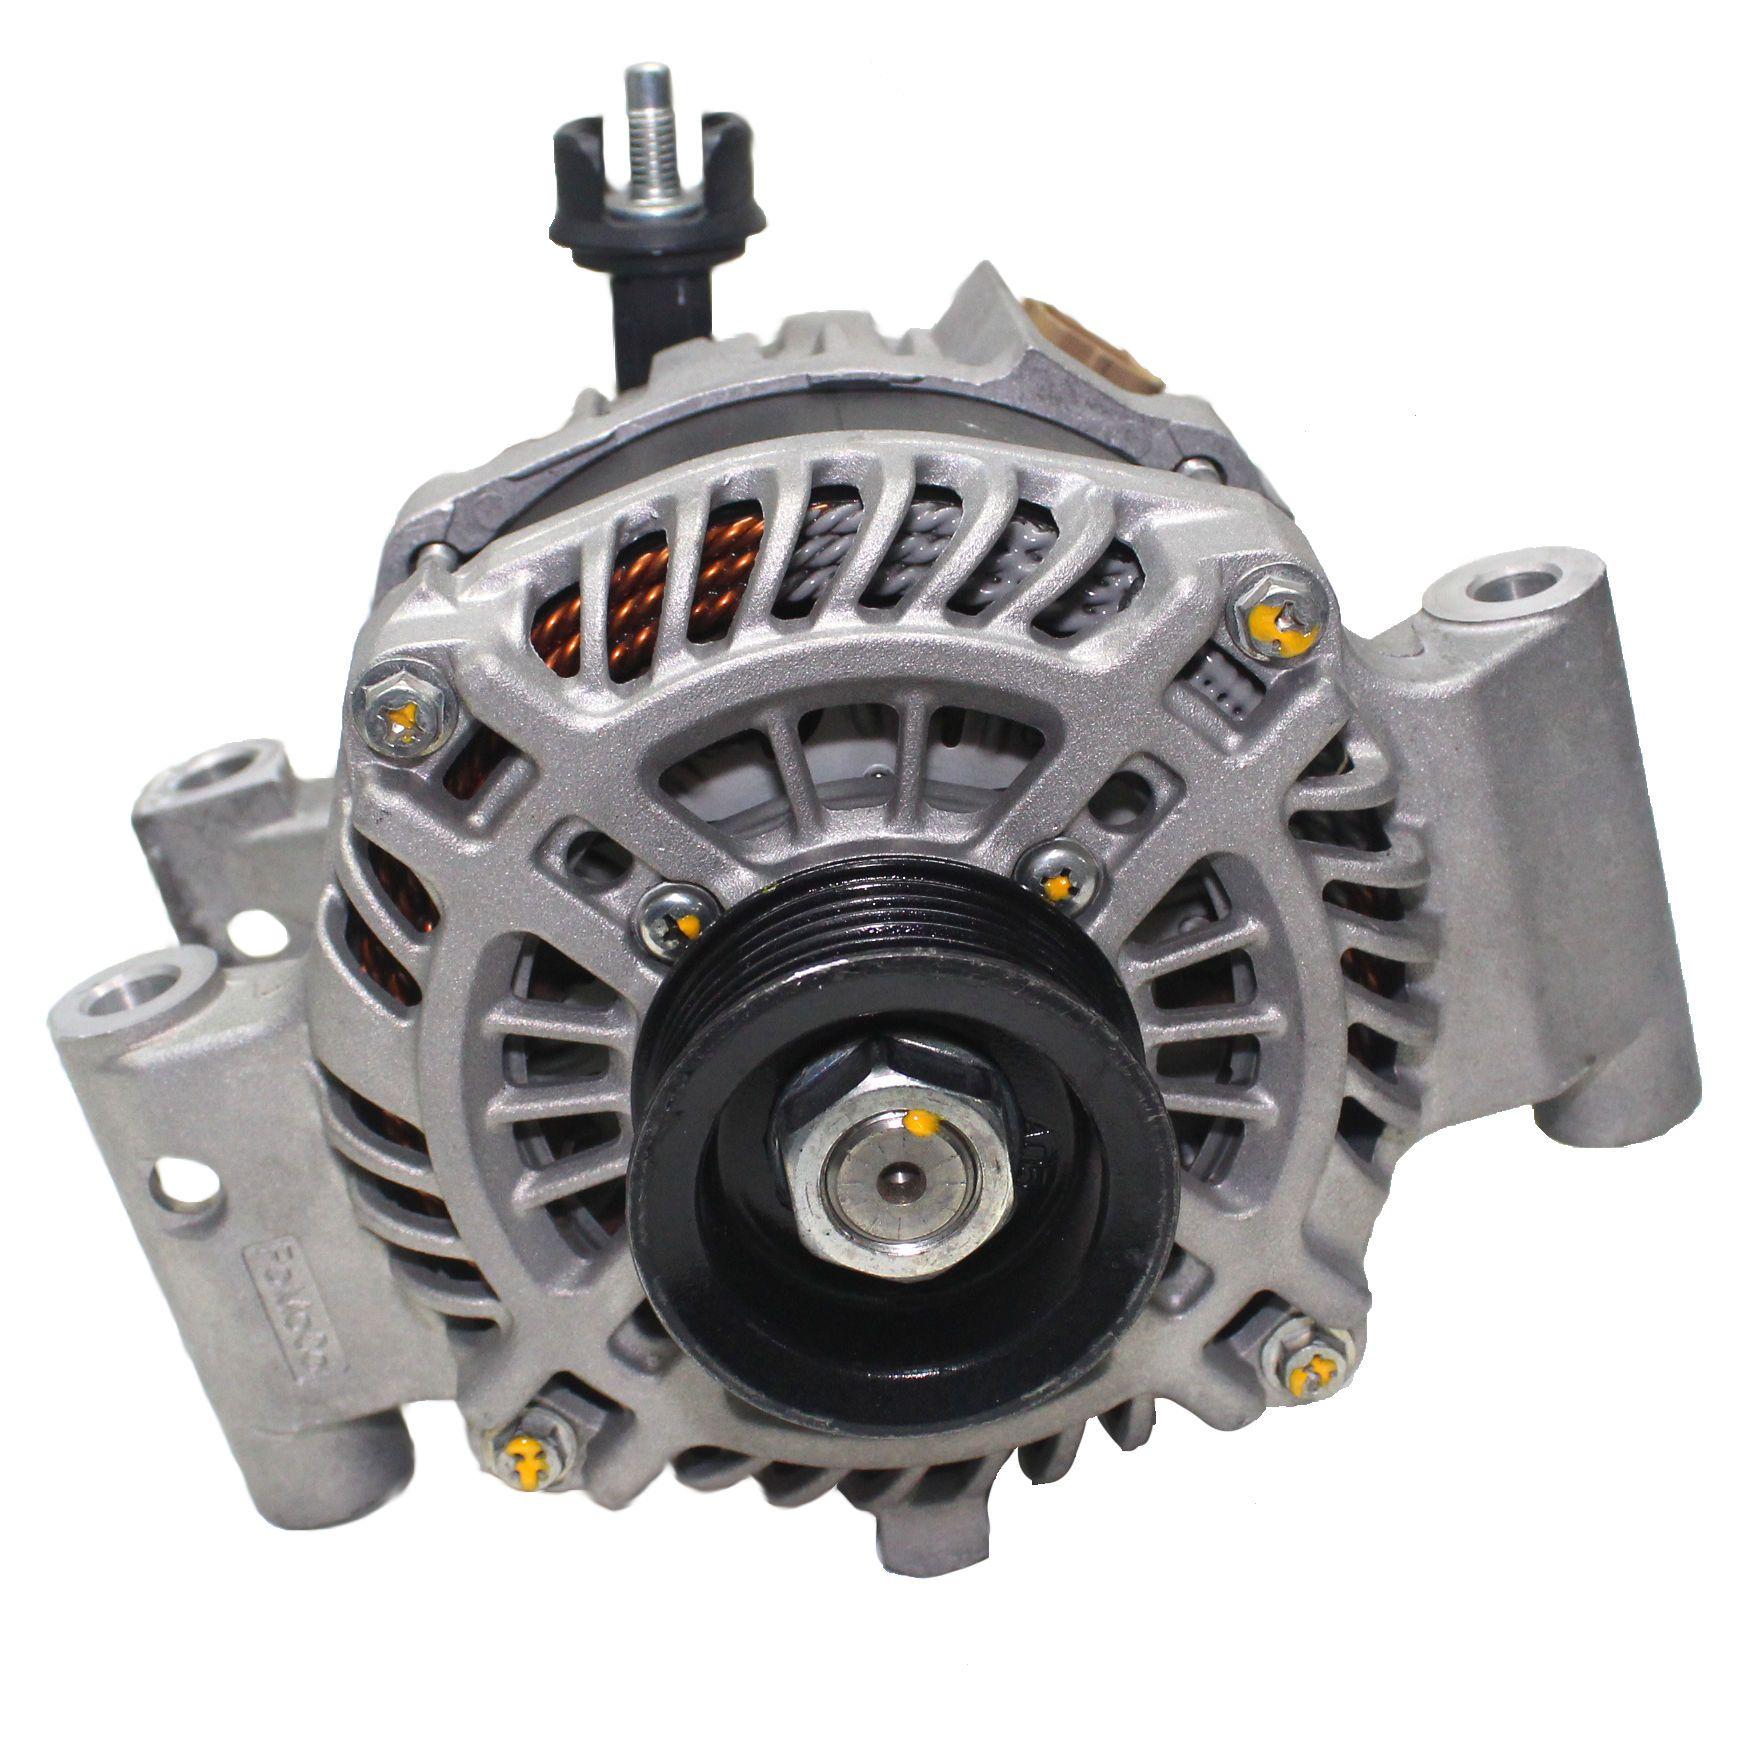 Alternador Recondicionado 150AH Ford Fusion 2.5 10...12 9E5T10300BA